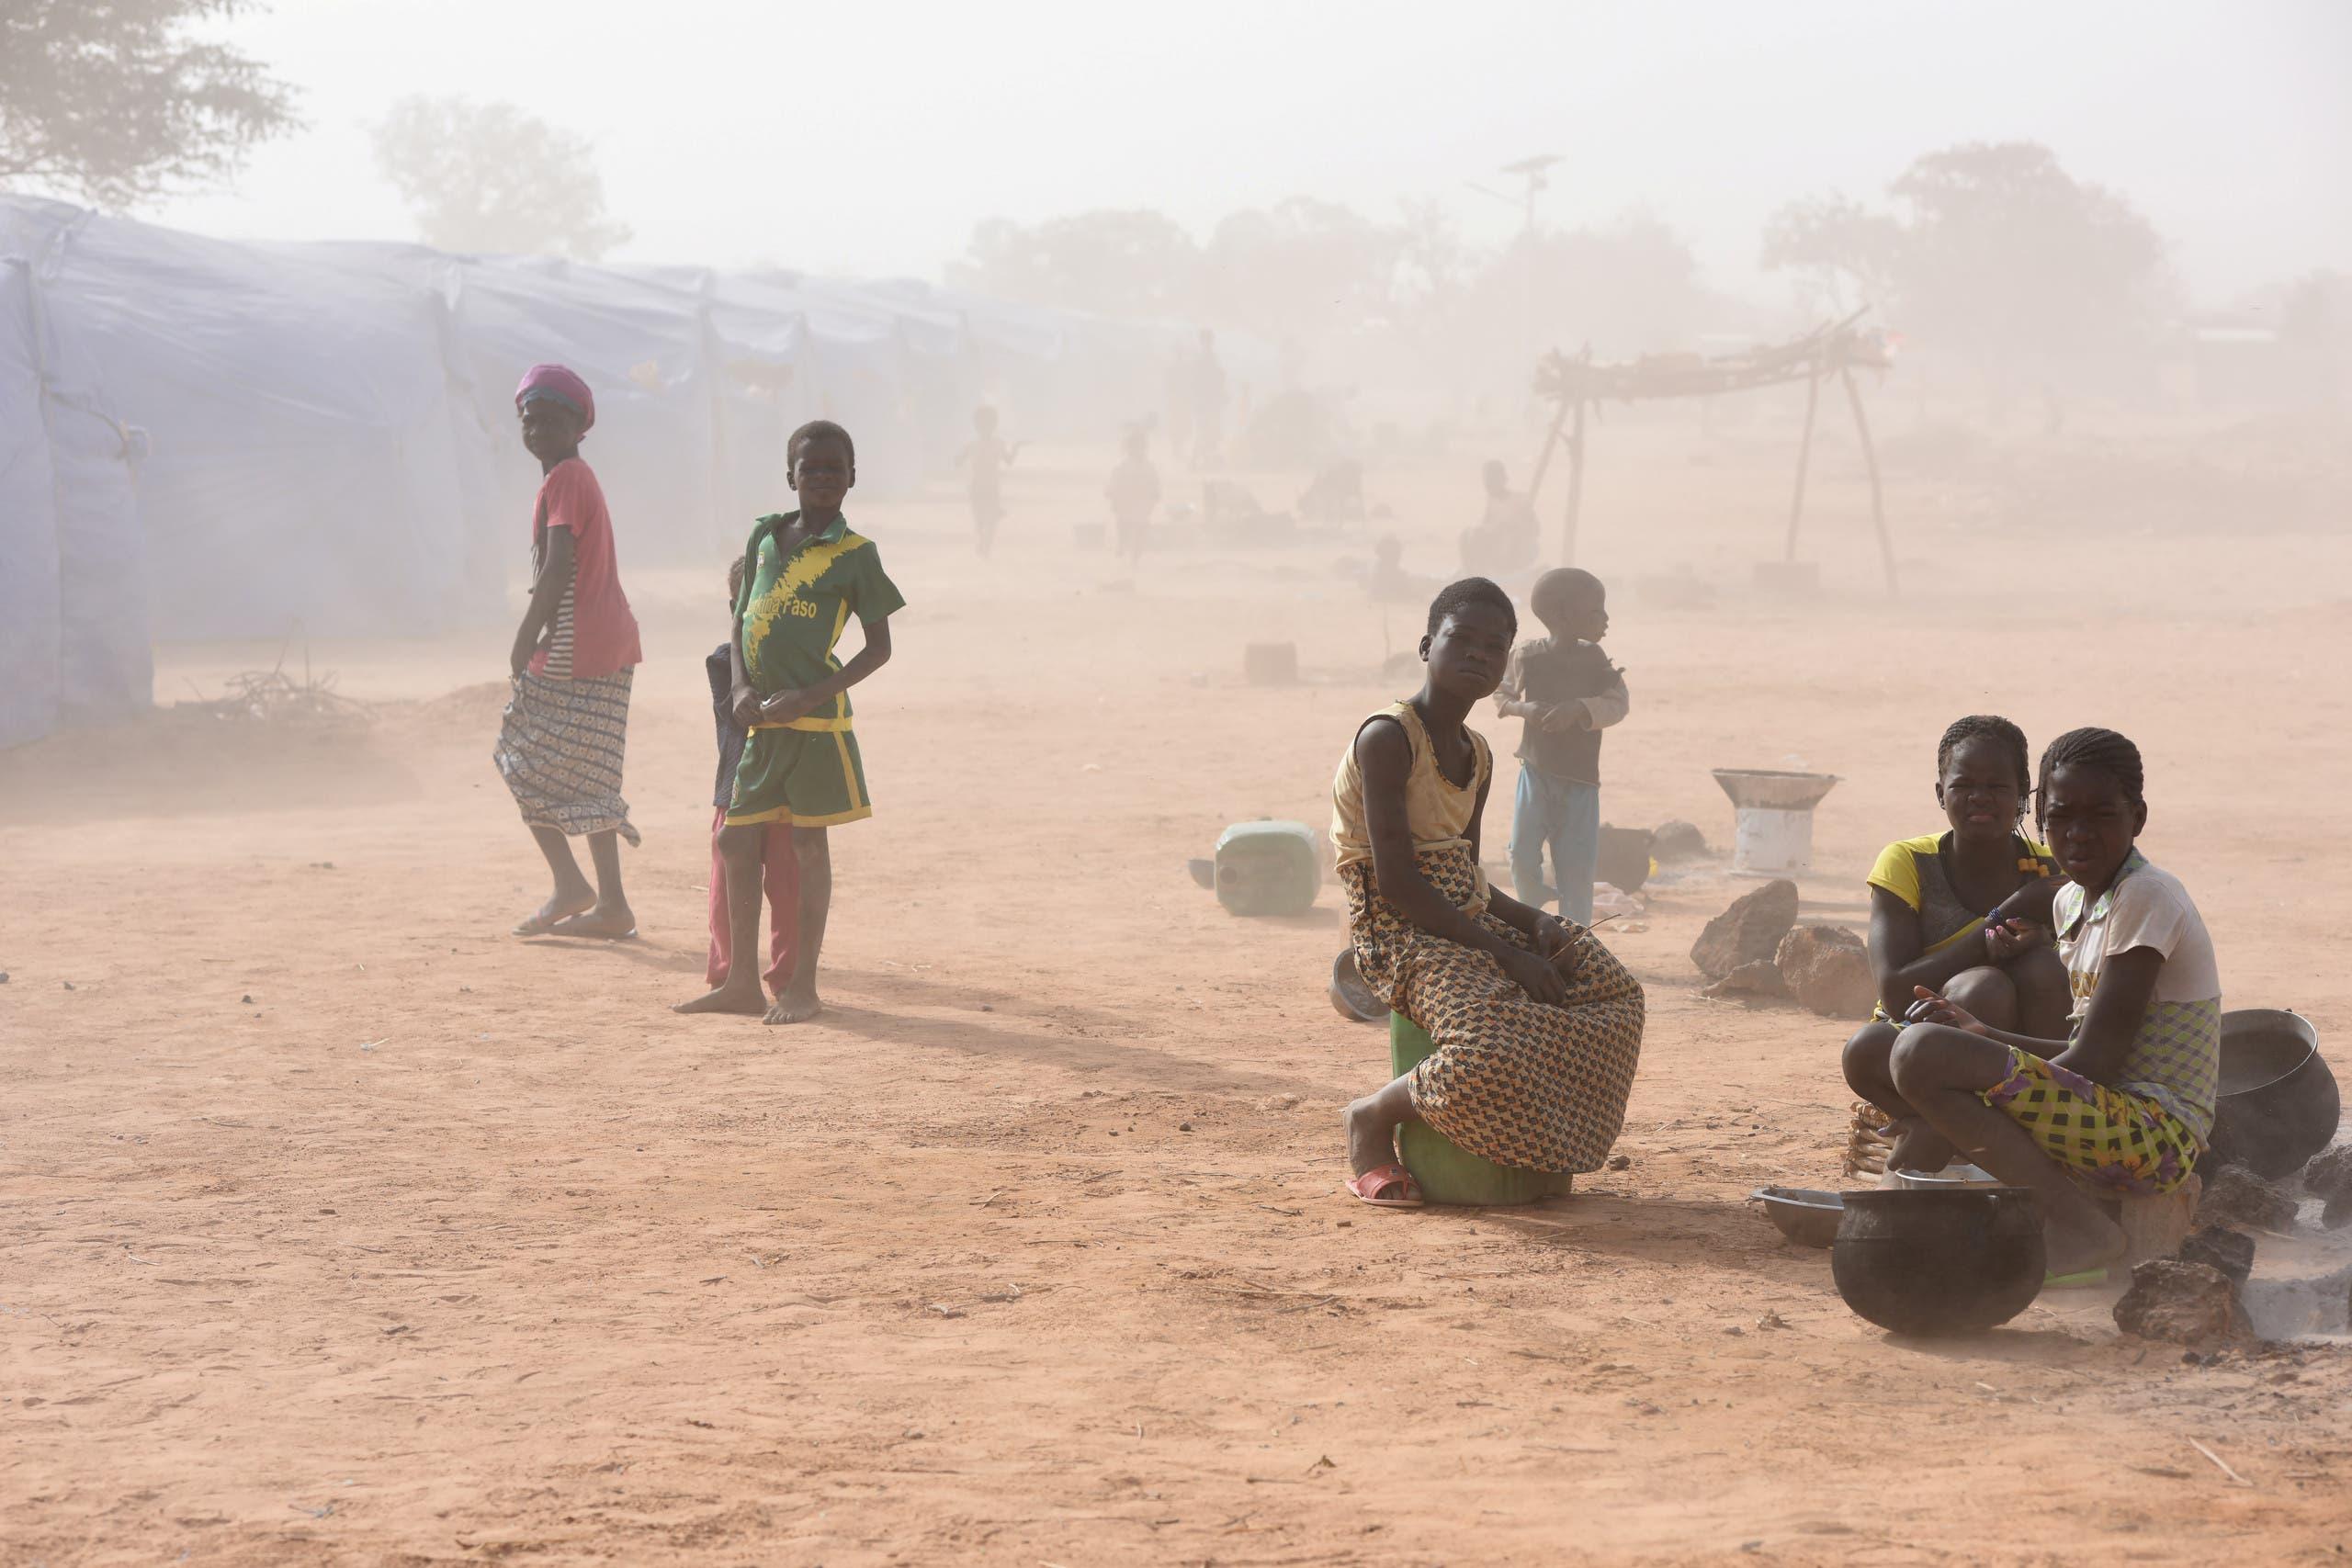 مخيم للنازحين في بوركينا فاسو